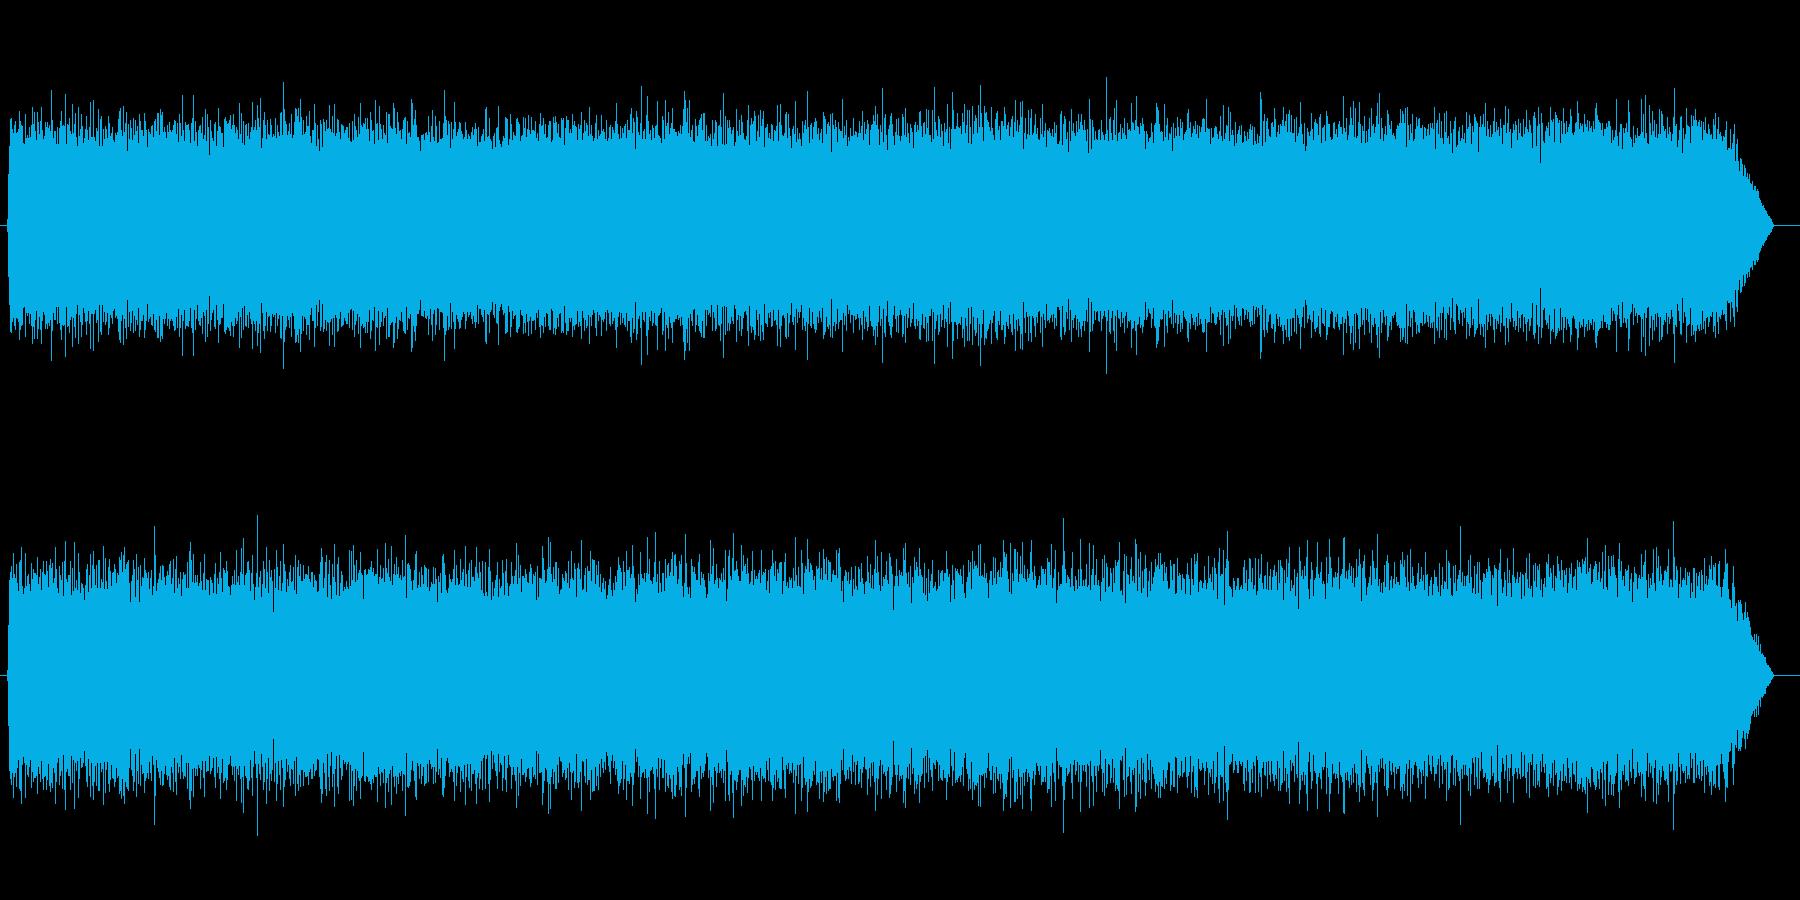 砂嵐効果音 高め テレビのノイズ サーの再生済みの波形